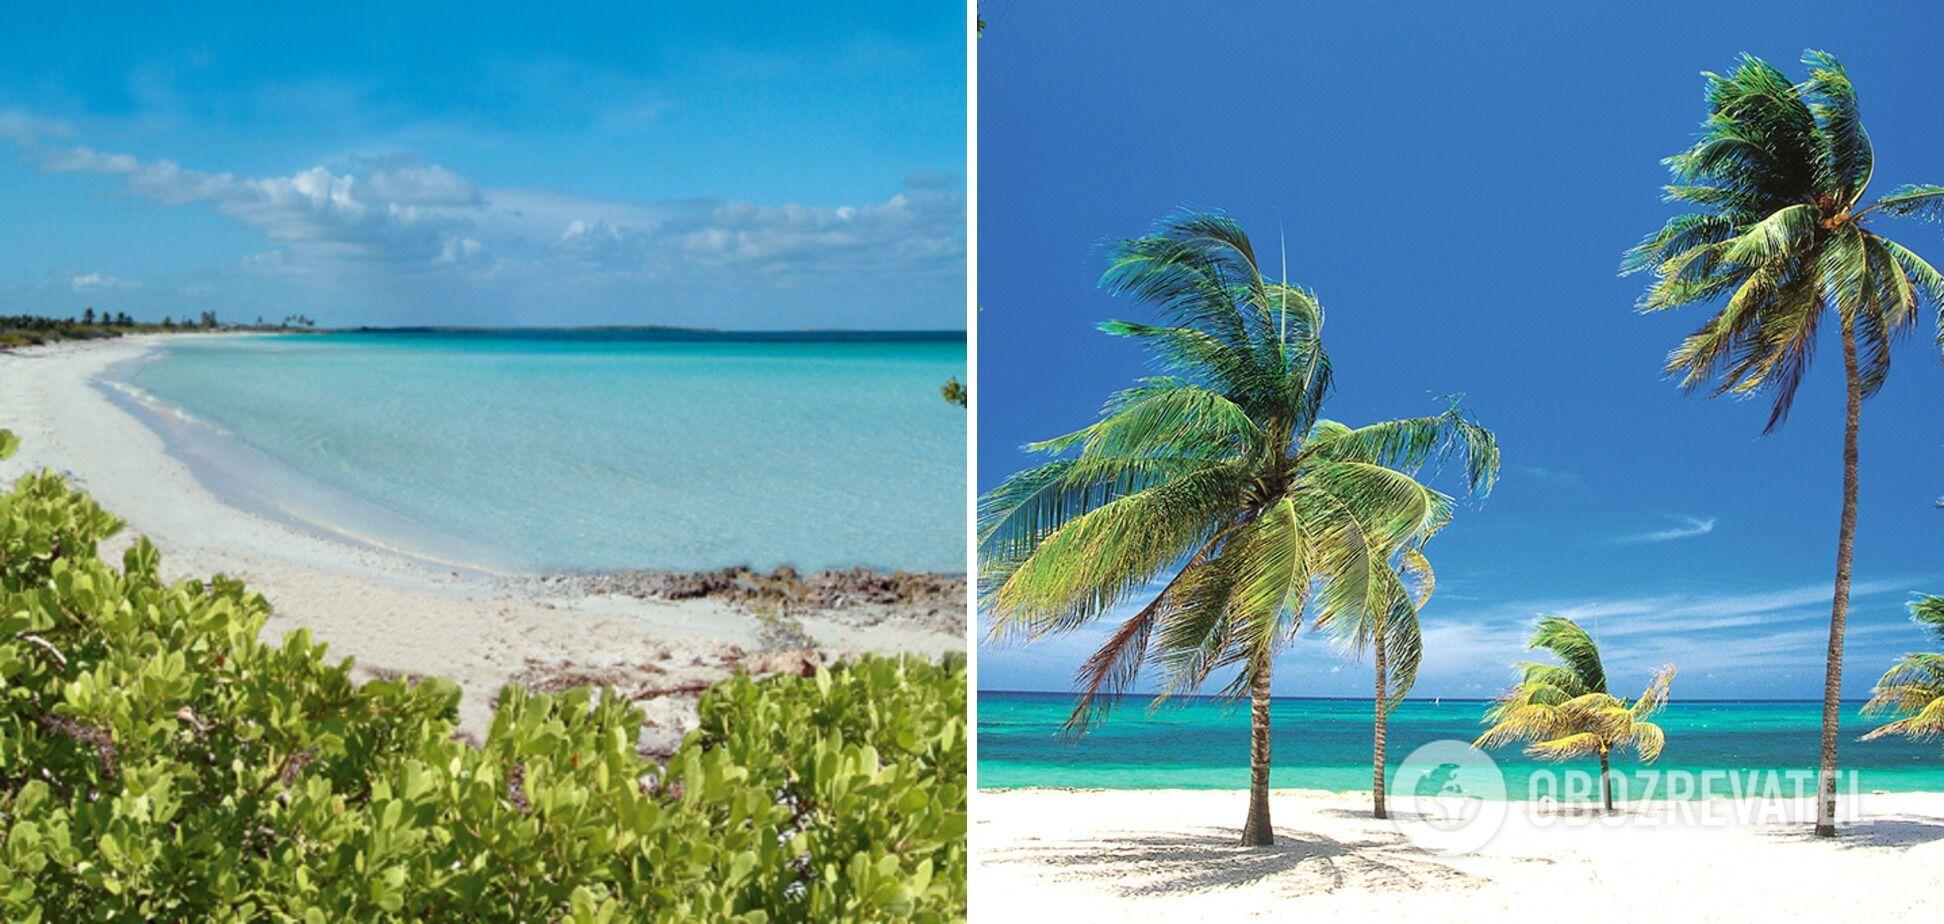 Оксамитовий пісок і блакитна океанічна вода без хвиль вабить туристів